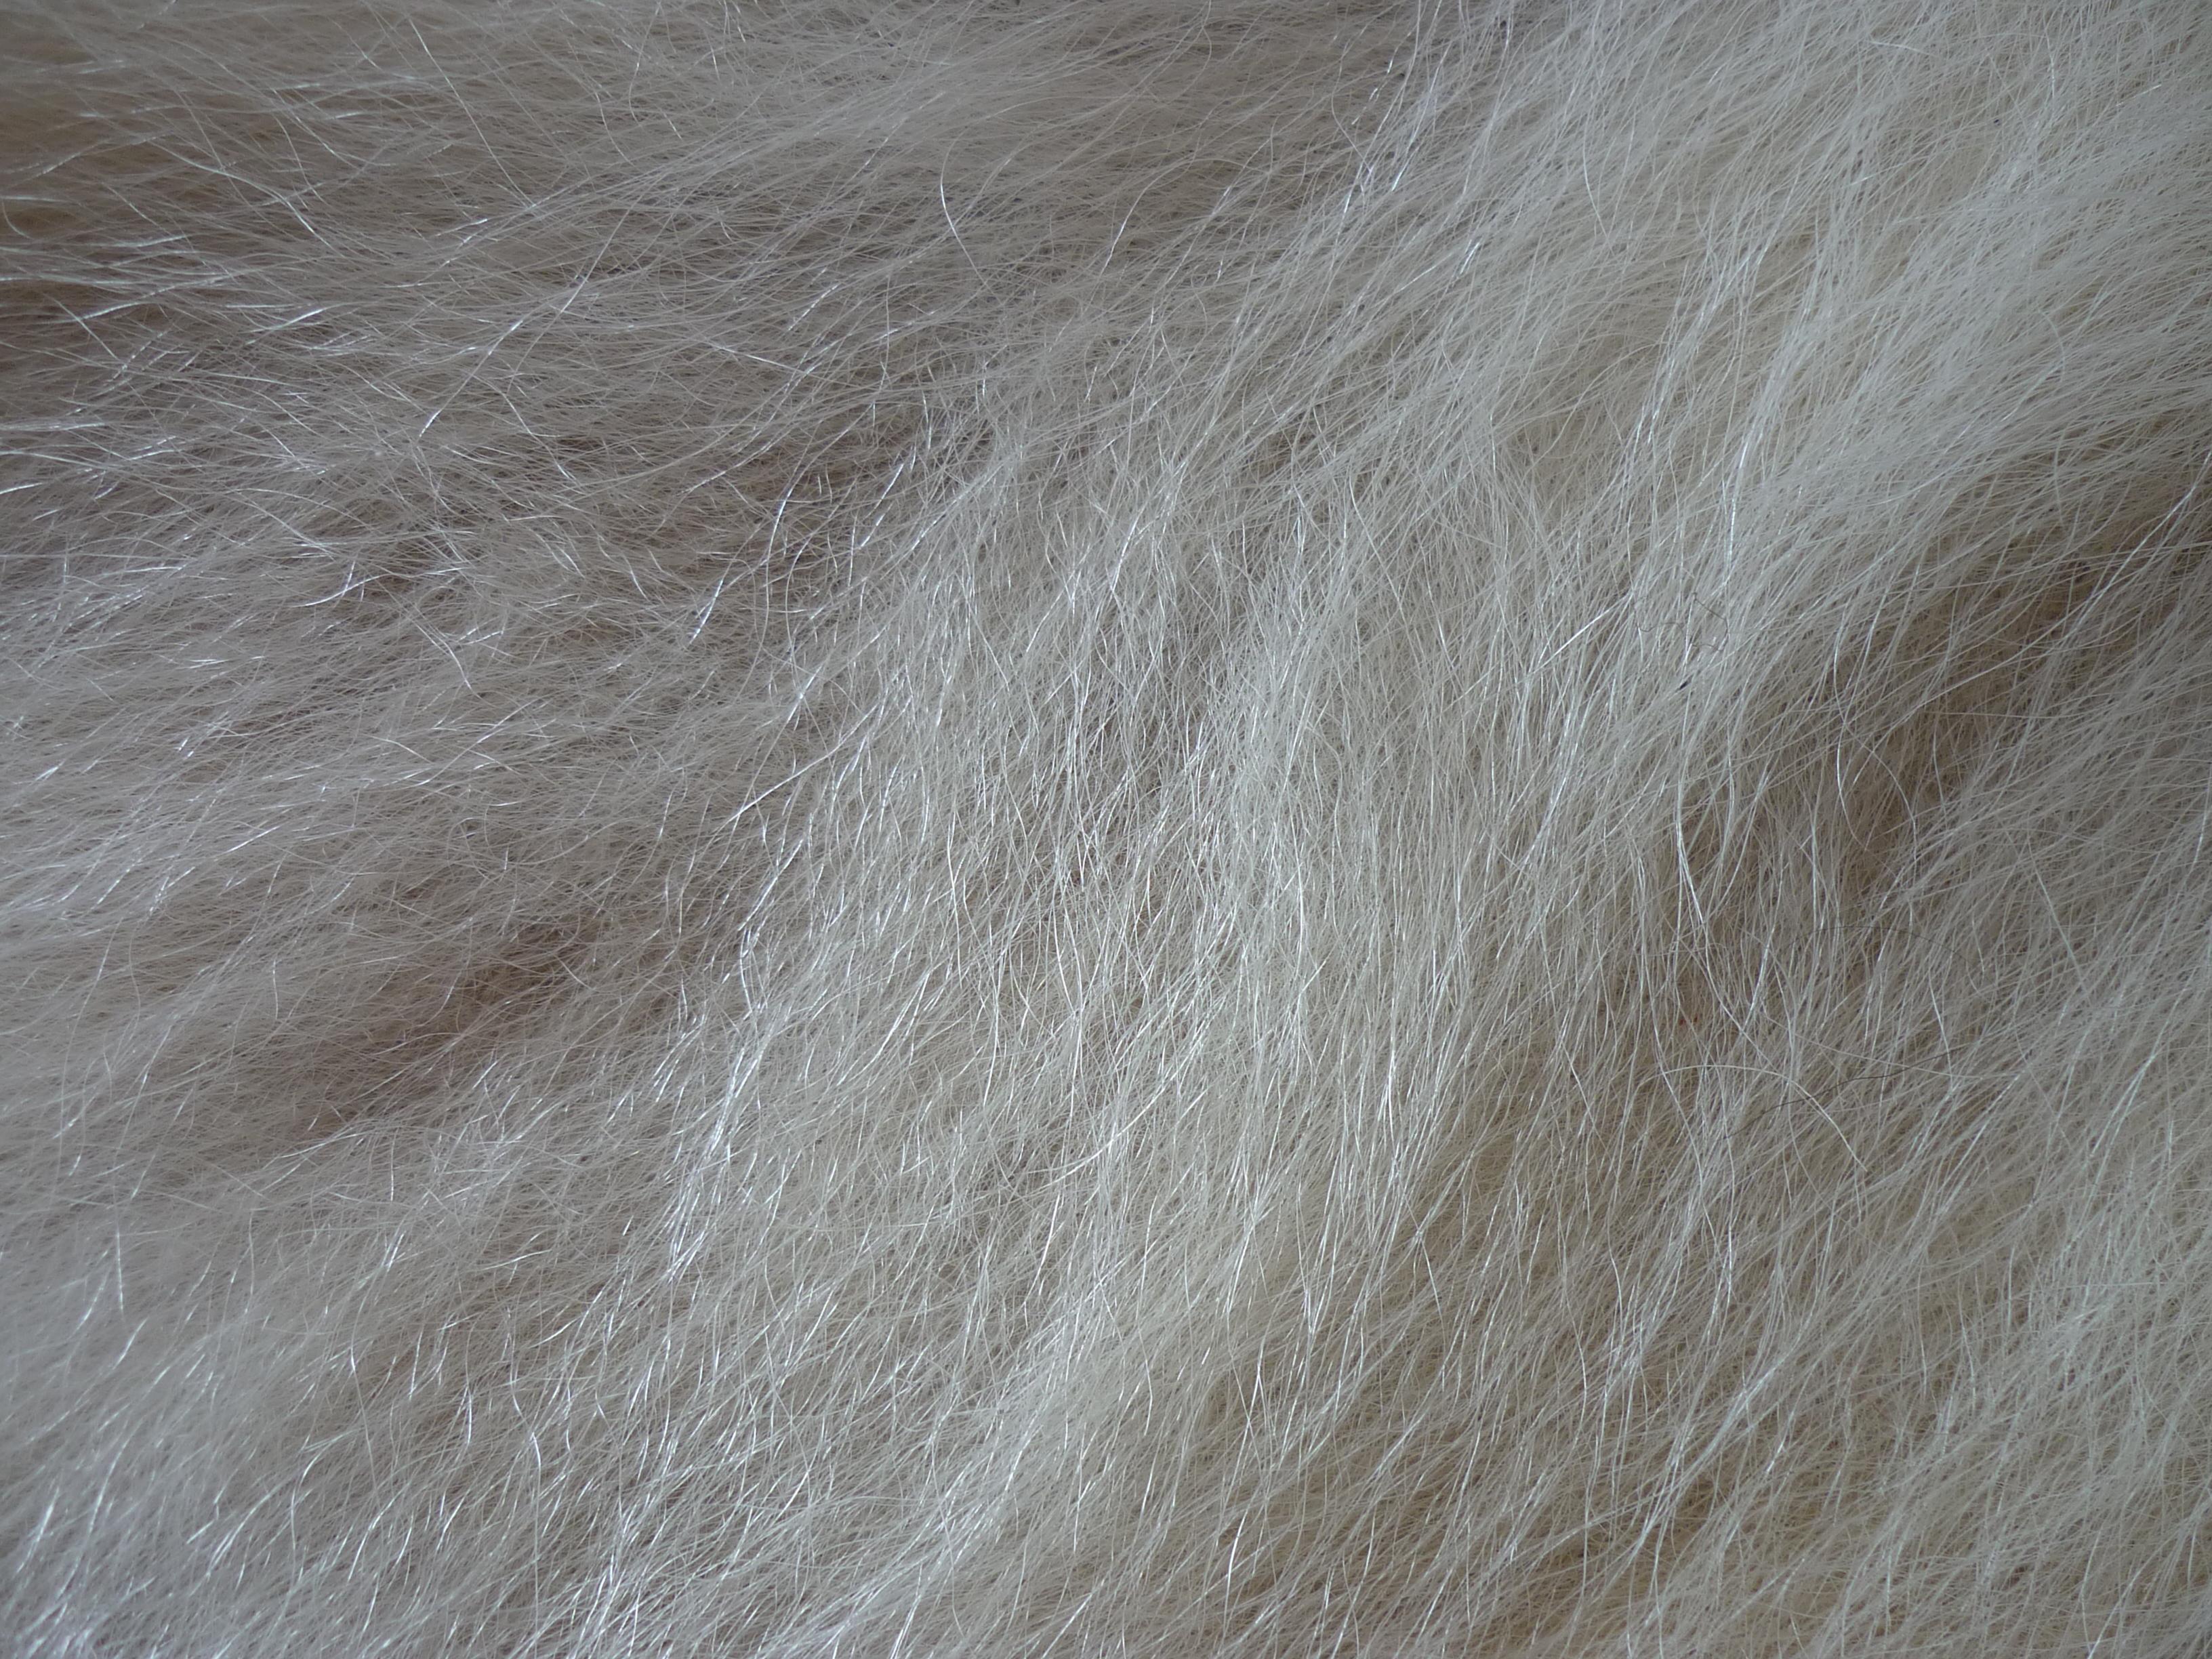 Polar Bear Fur by ennoeaadvent